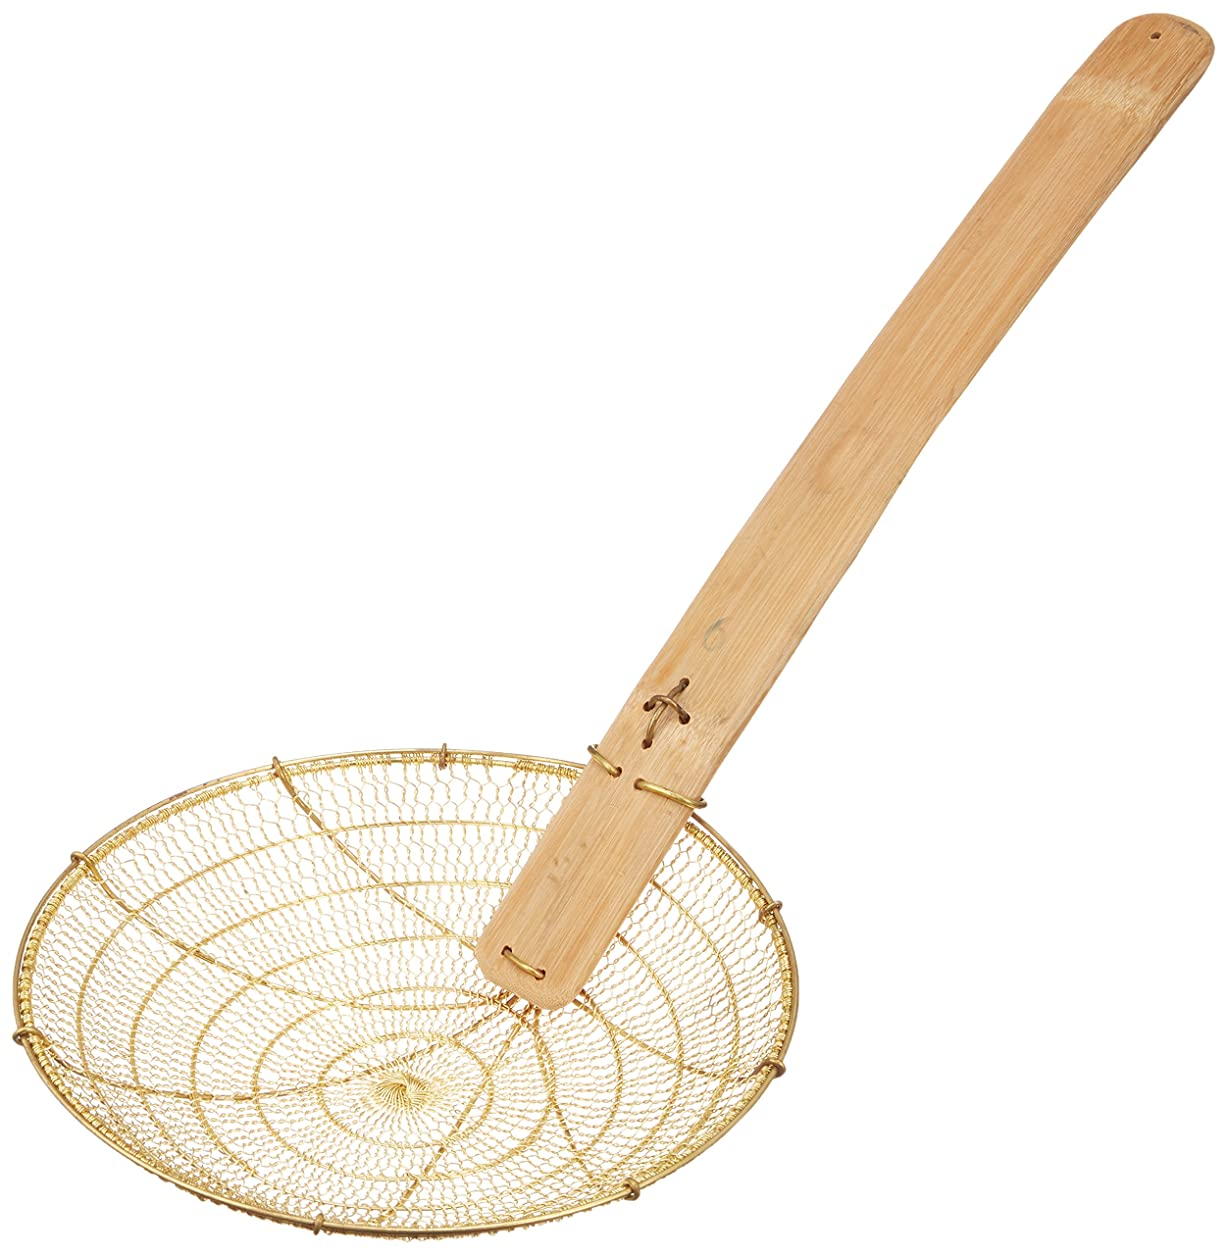 にやにやボード旋回山下工芸(Yamasita craft) HG 真鍮油こしそば揚 23cm 9インチ 120041012